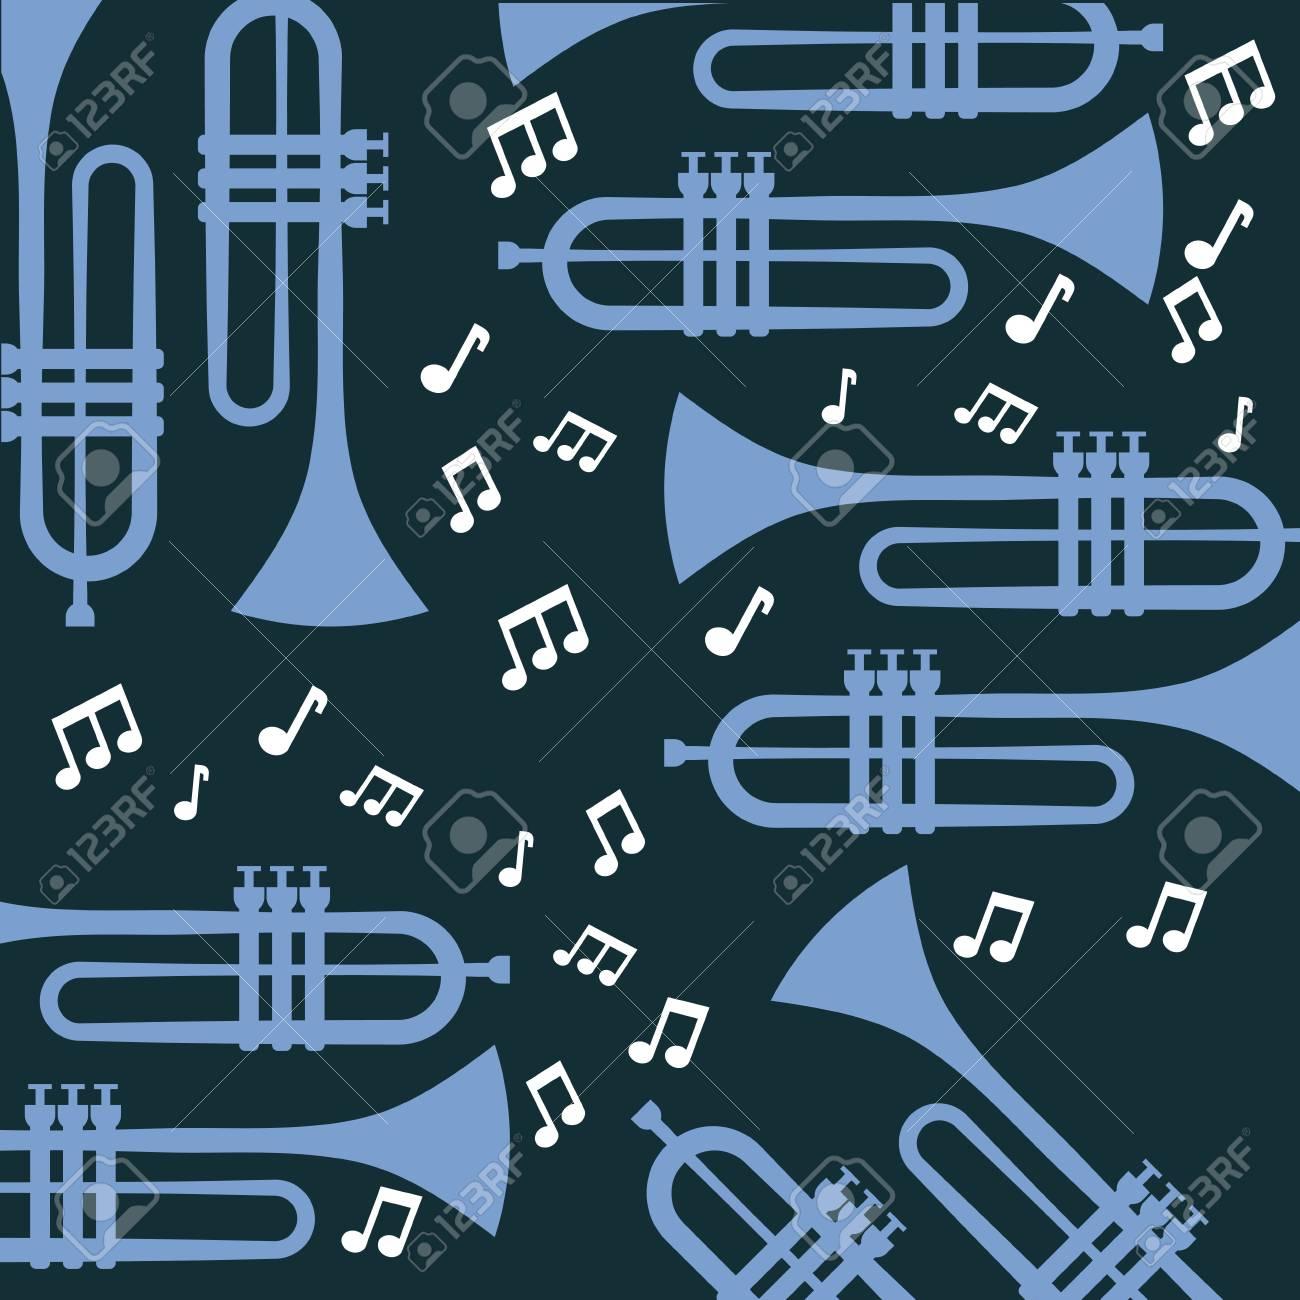 トランペット注音楽ジャズ ポスター壁紙パターン ベクトル イラストのイラスト素材 ベクタ Image